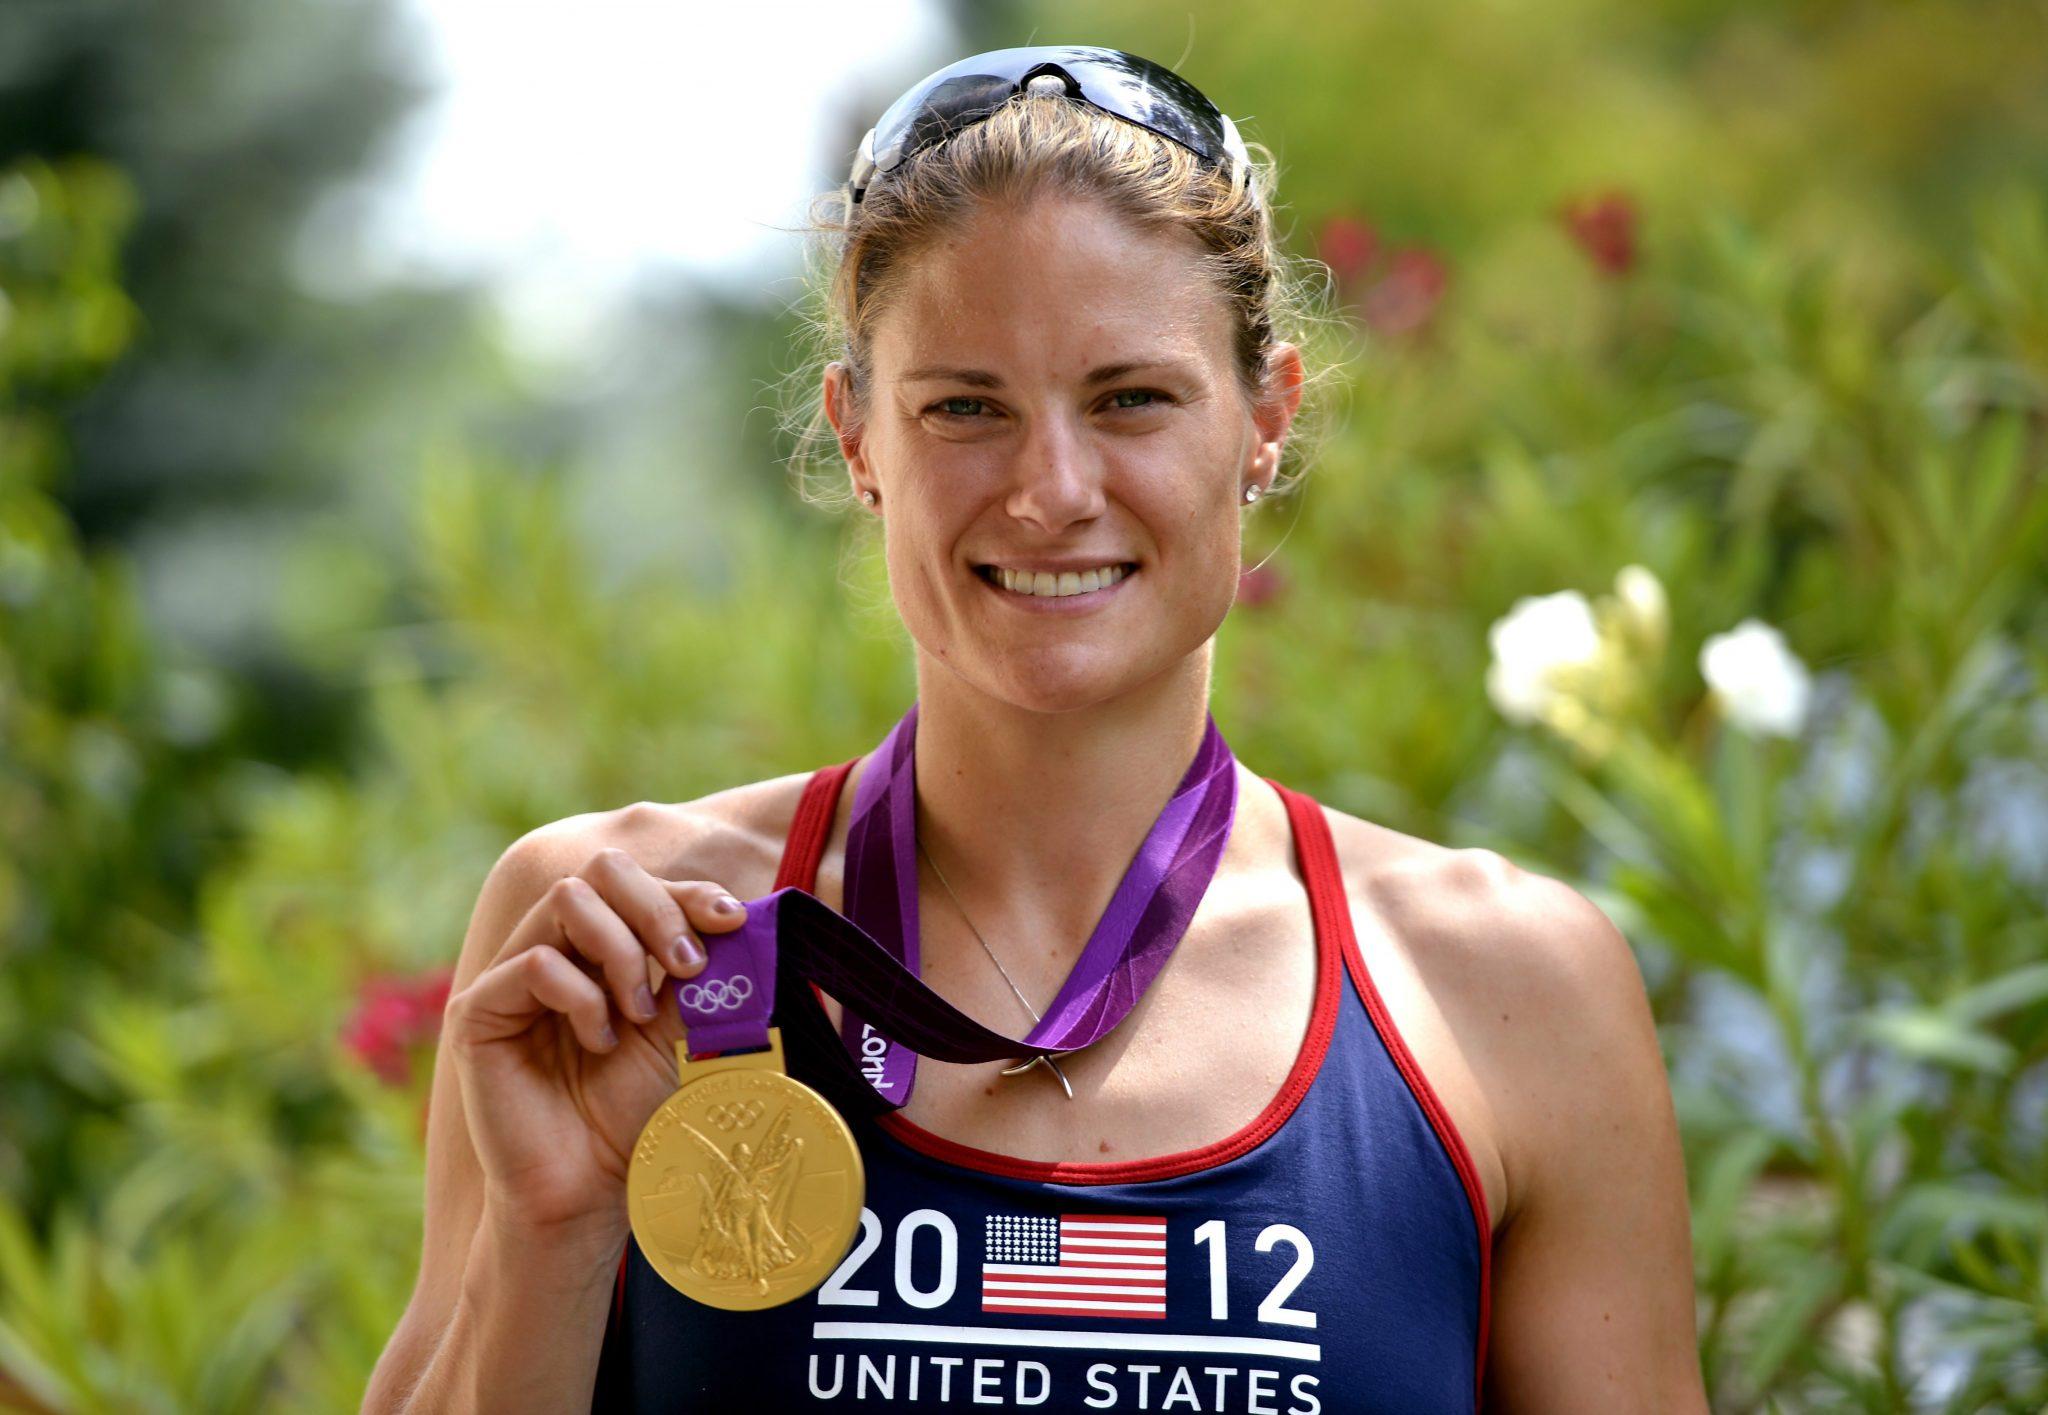 Die Tochter der ungarischen Coronavirus-Impfstoffwissenschaftlerin ist US-Olympiasiegerin